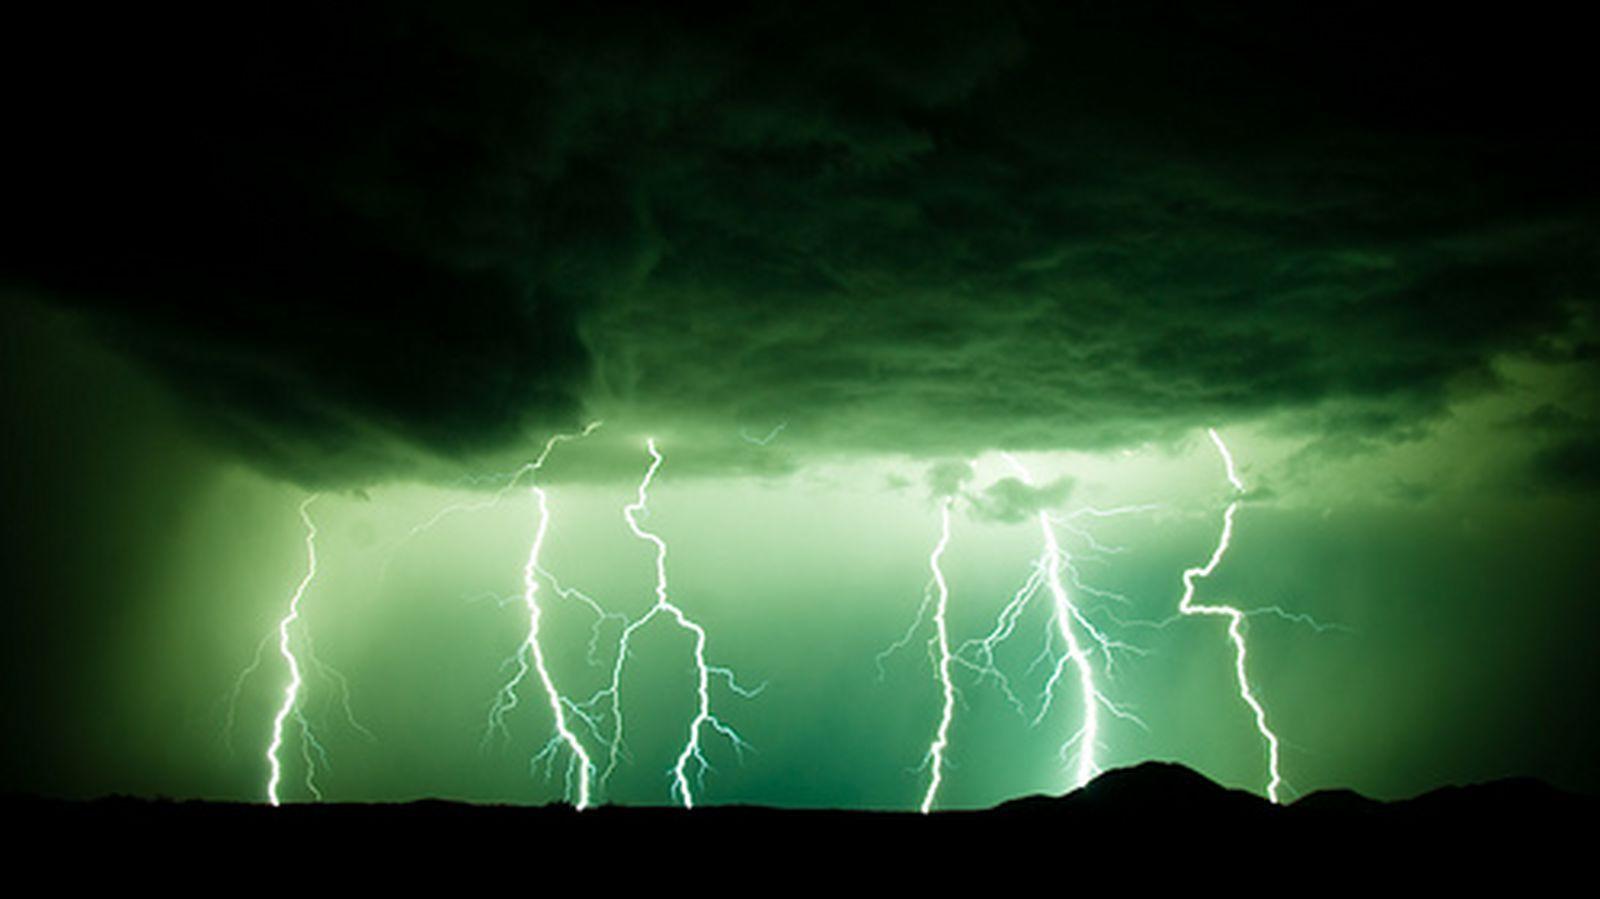 Se prima era solo un potente suono che giungeva alle nostre orecchie e che ci avvertiva dell'arrivo di un temporale, oggi il rombo del tuono è anche un'imm